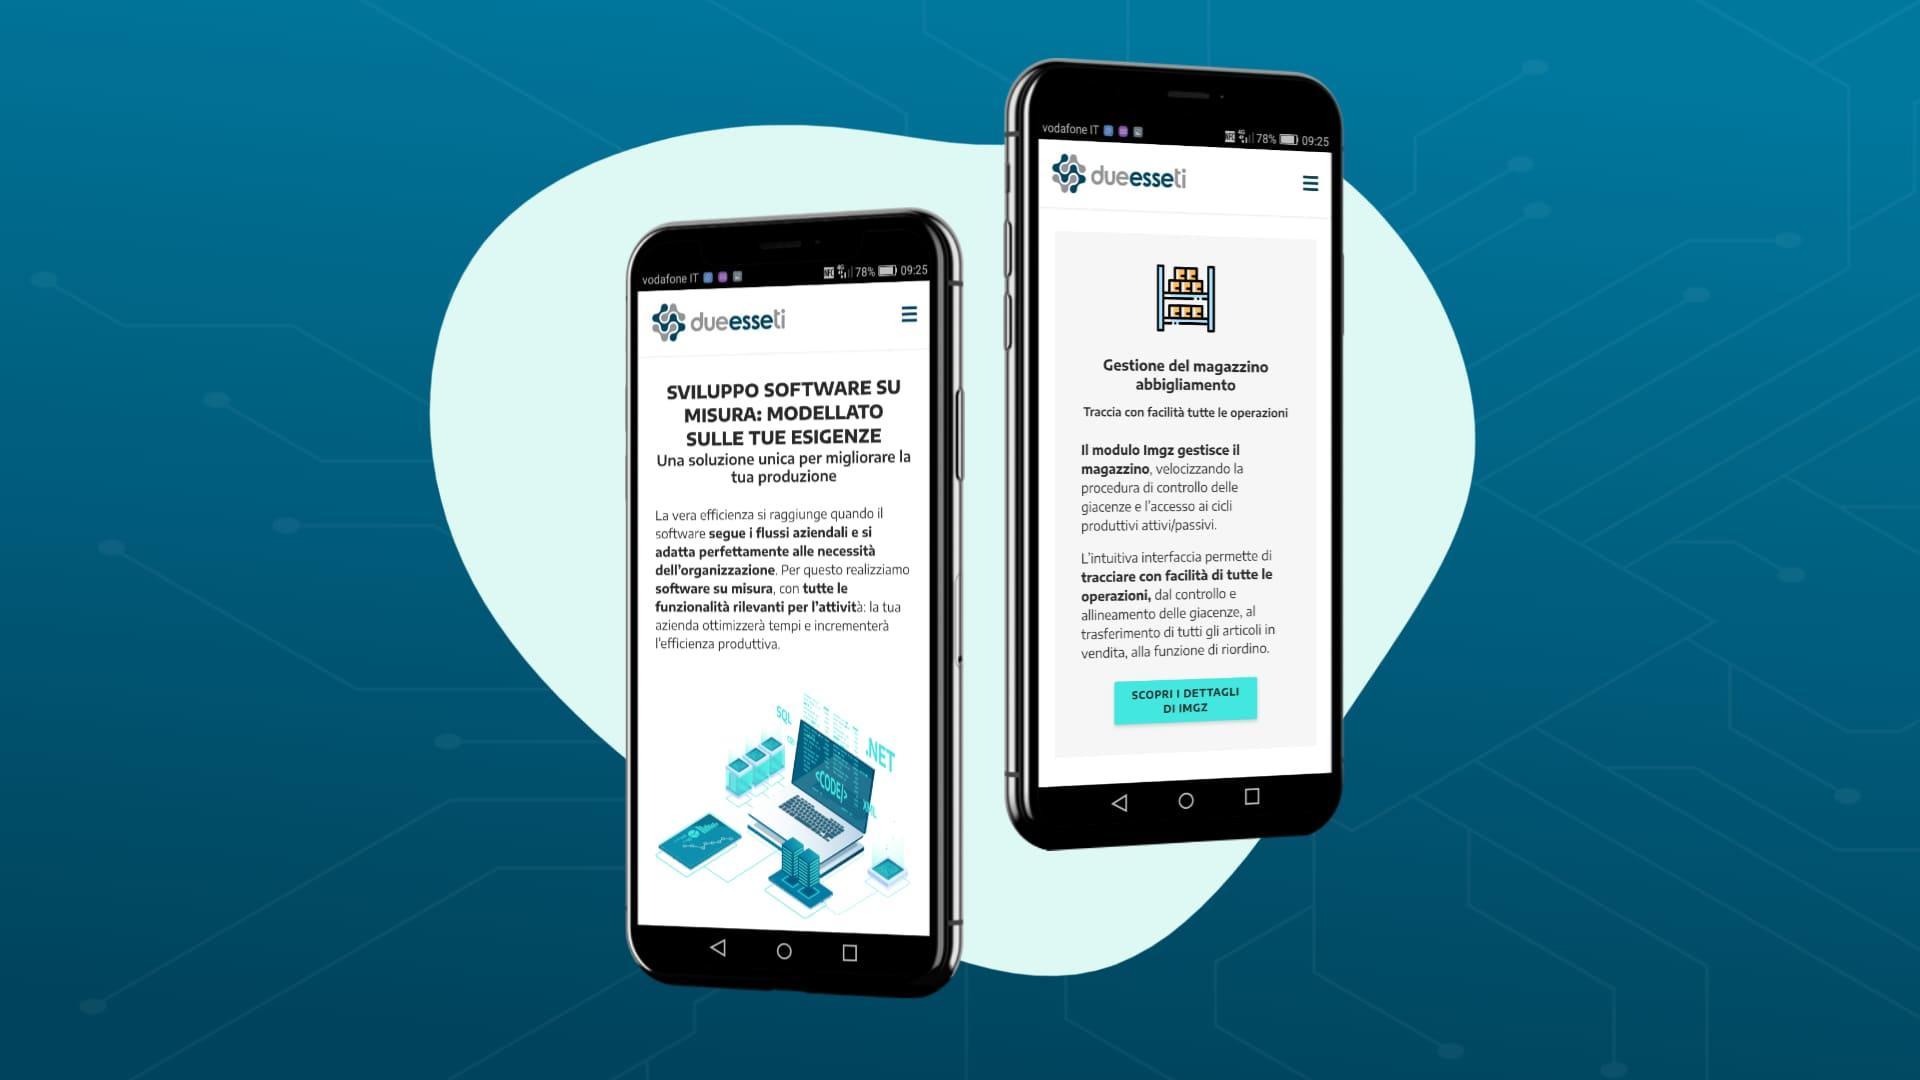 sito web per software house - 2esseti - smartphone